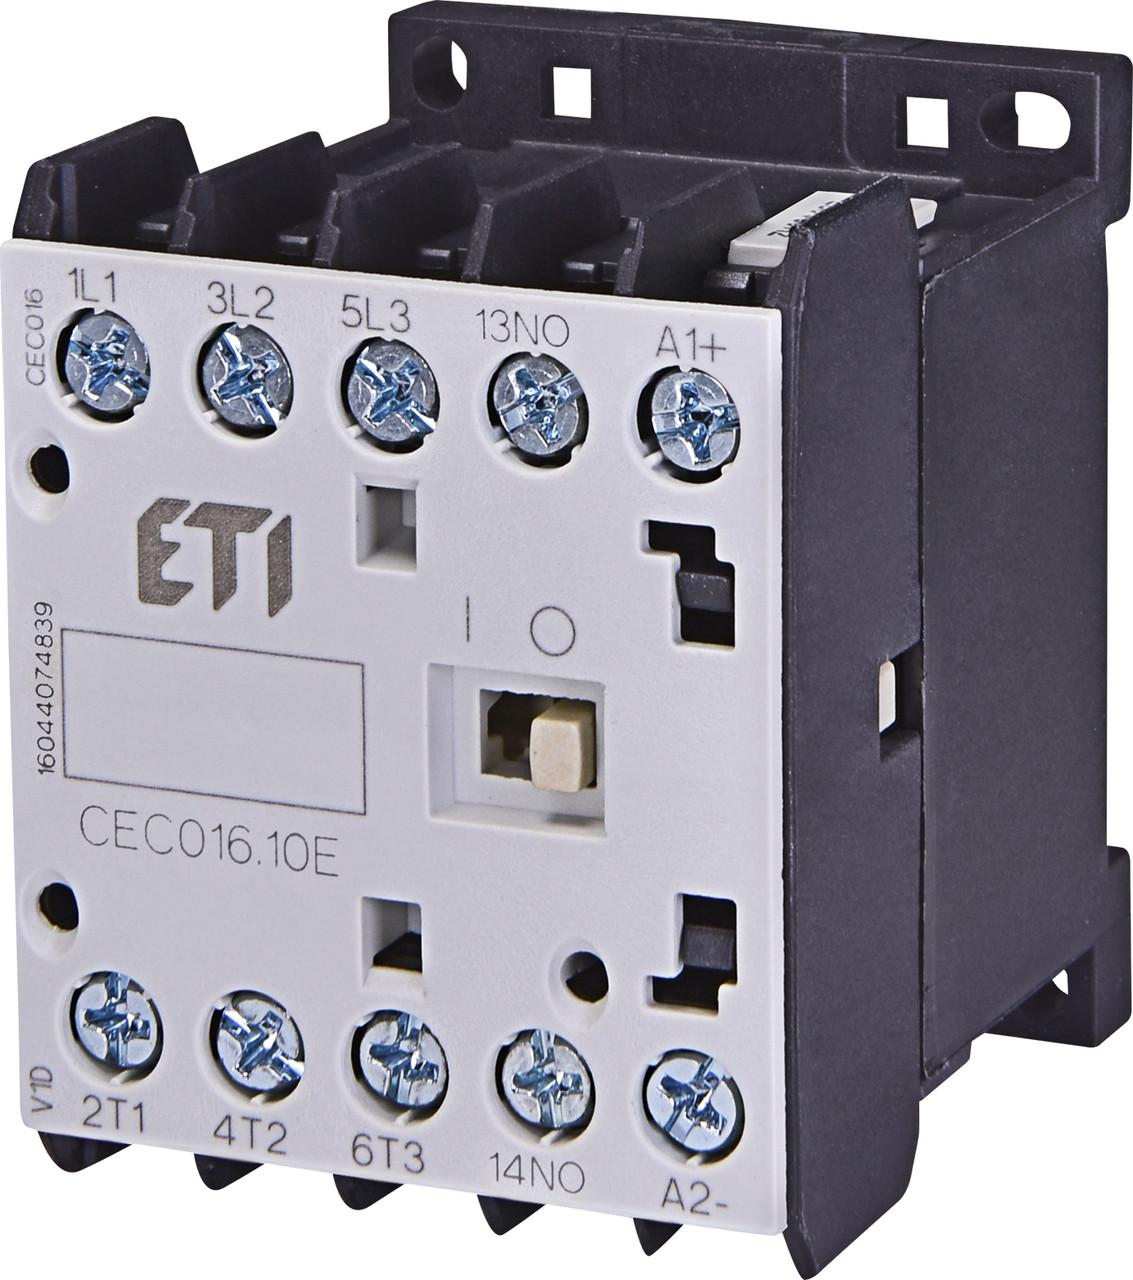 Контактор миниатюрный ETI CEC 16.10 16А 230V AC 3NO+1NO 7,5kW 4641090 (силовой, 22A AC1, 16A AC3)